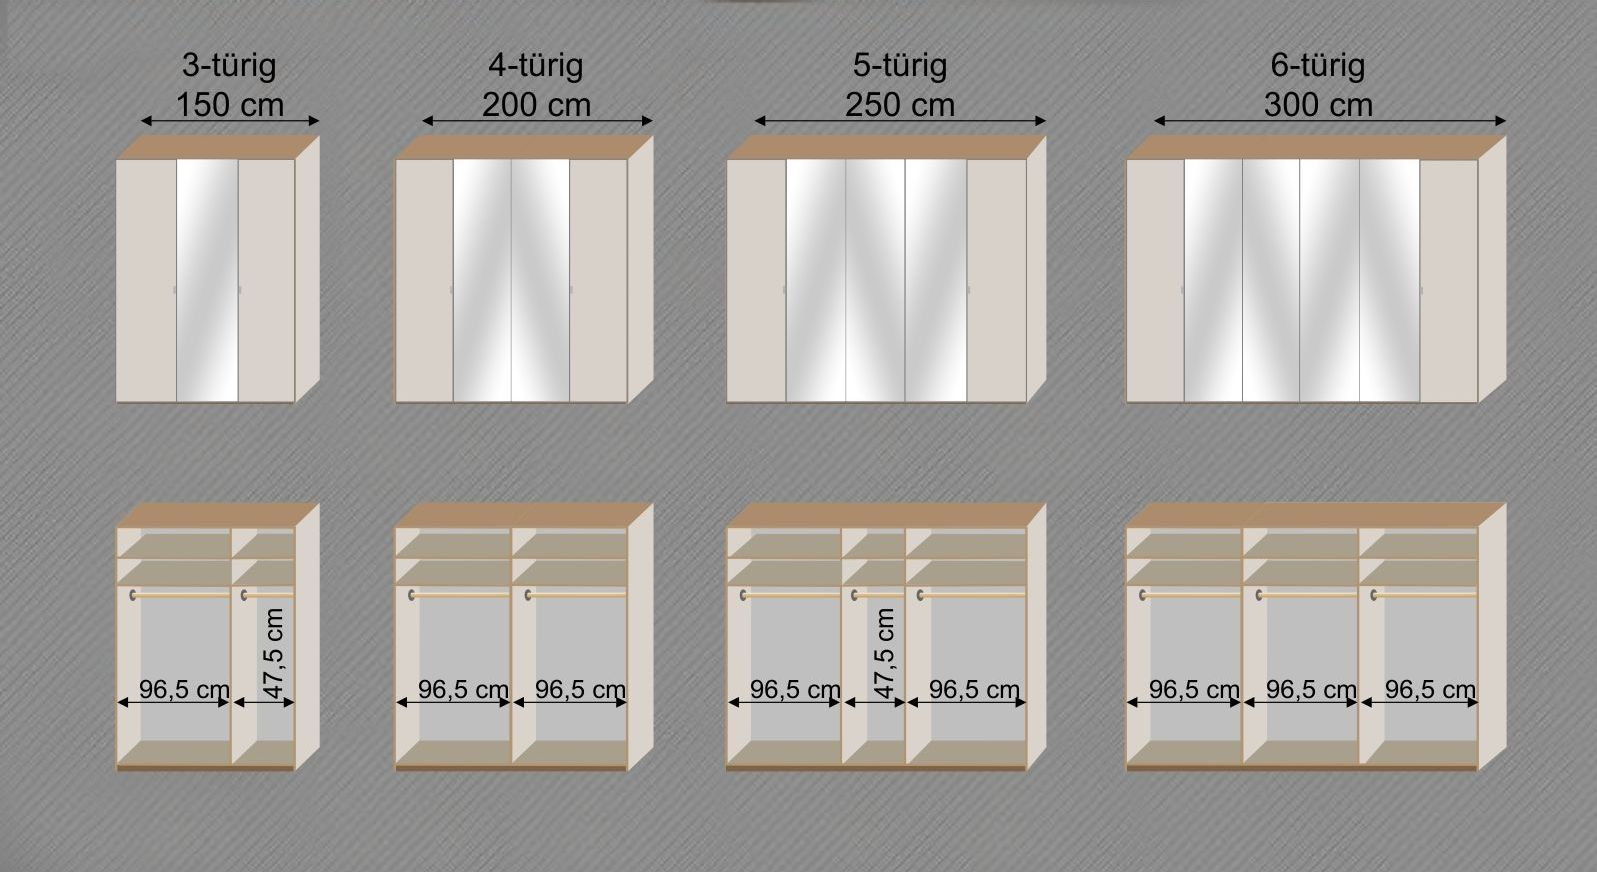 Inneneinteilungs-Grafik zum Drehtüren-Kleiderschrank Dolavon